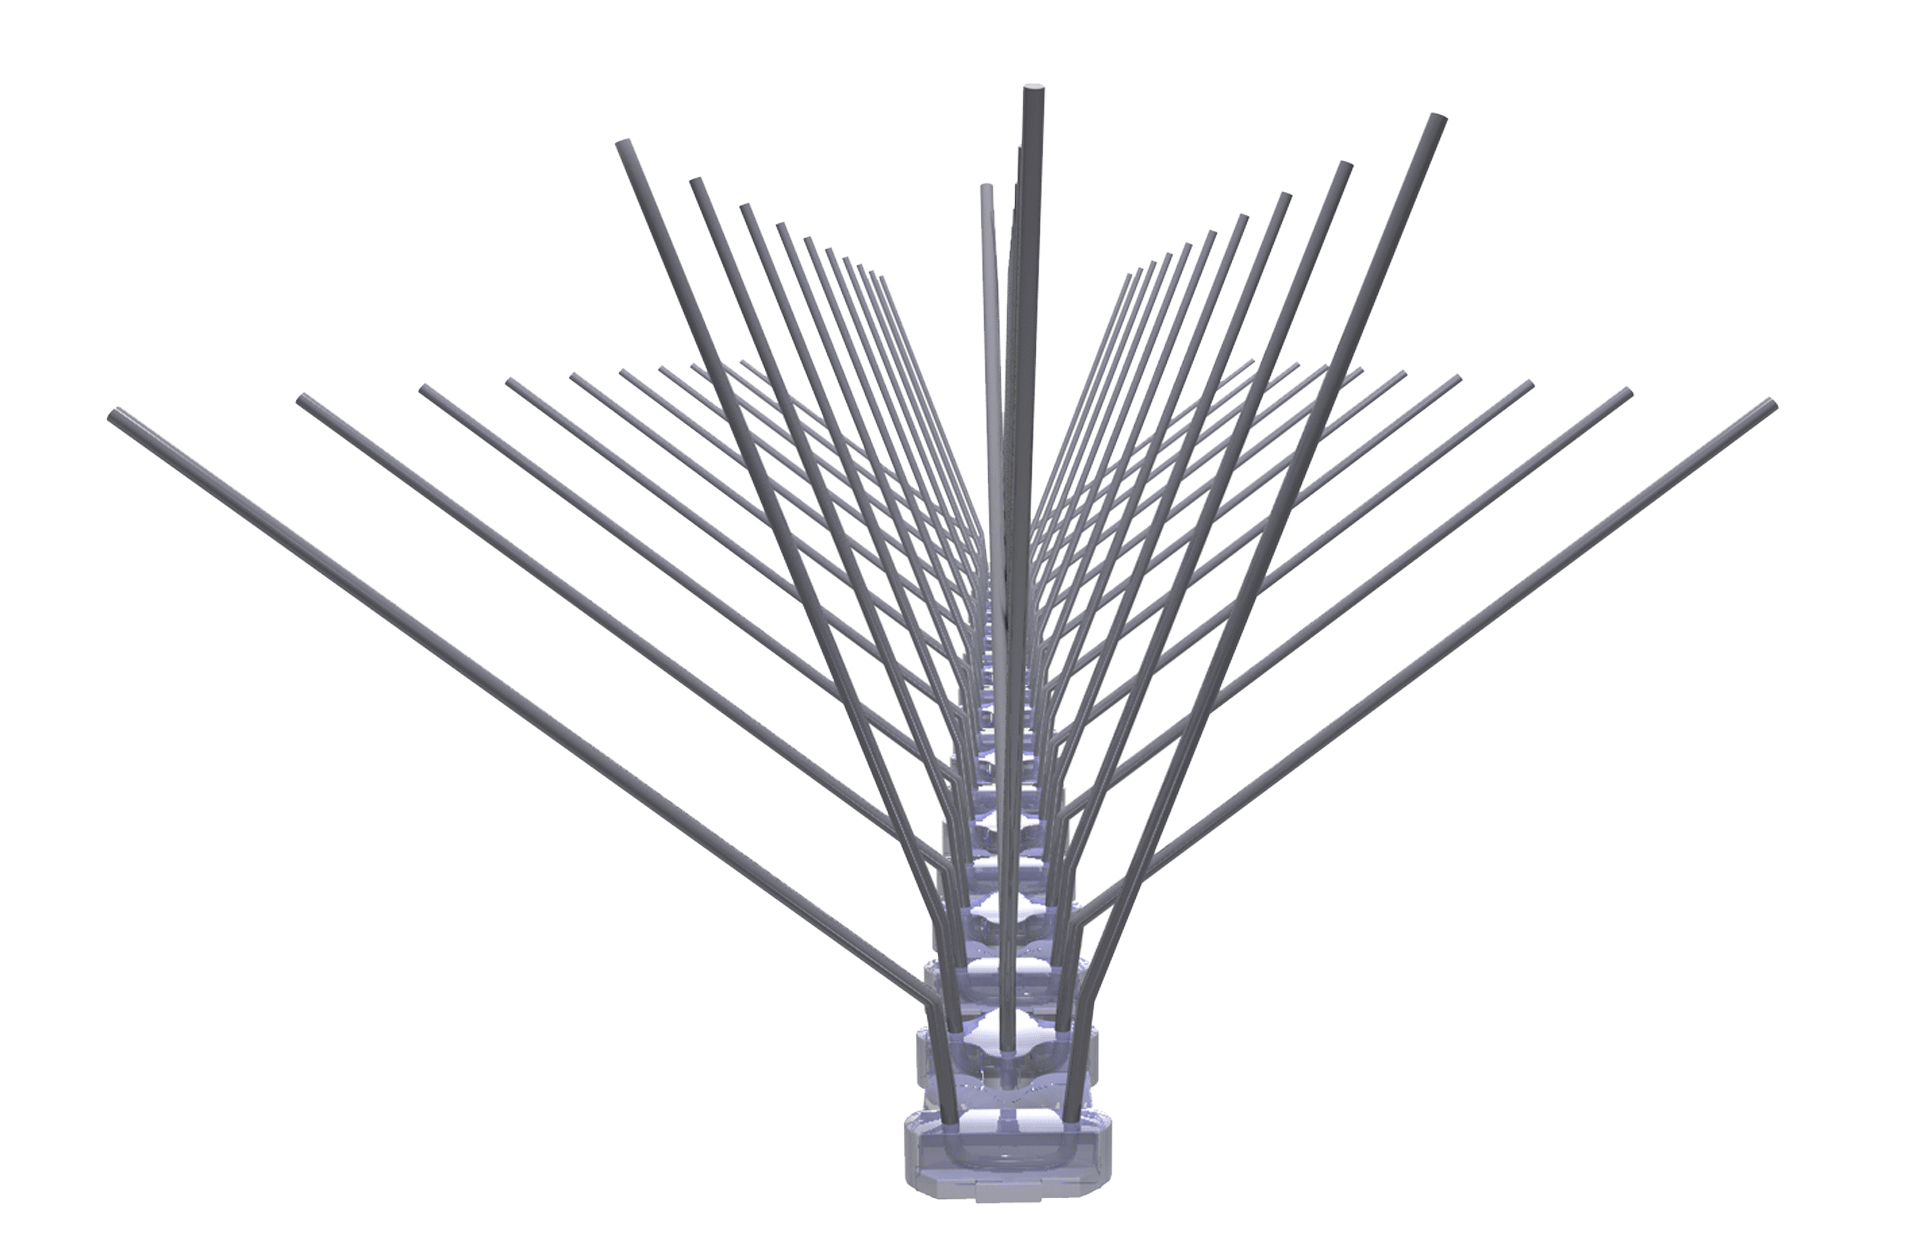 TAS 5er Taubenabwehrspitzen auf Polycarbonatleiste 50 cm lang, Taubenspikes 1.3 mm stark, für den leichteren Befallsdruck